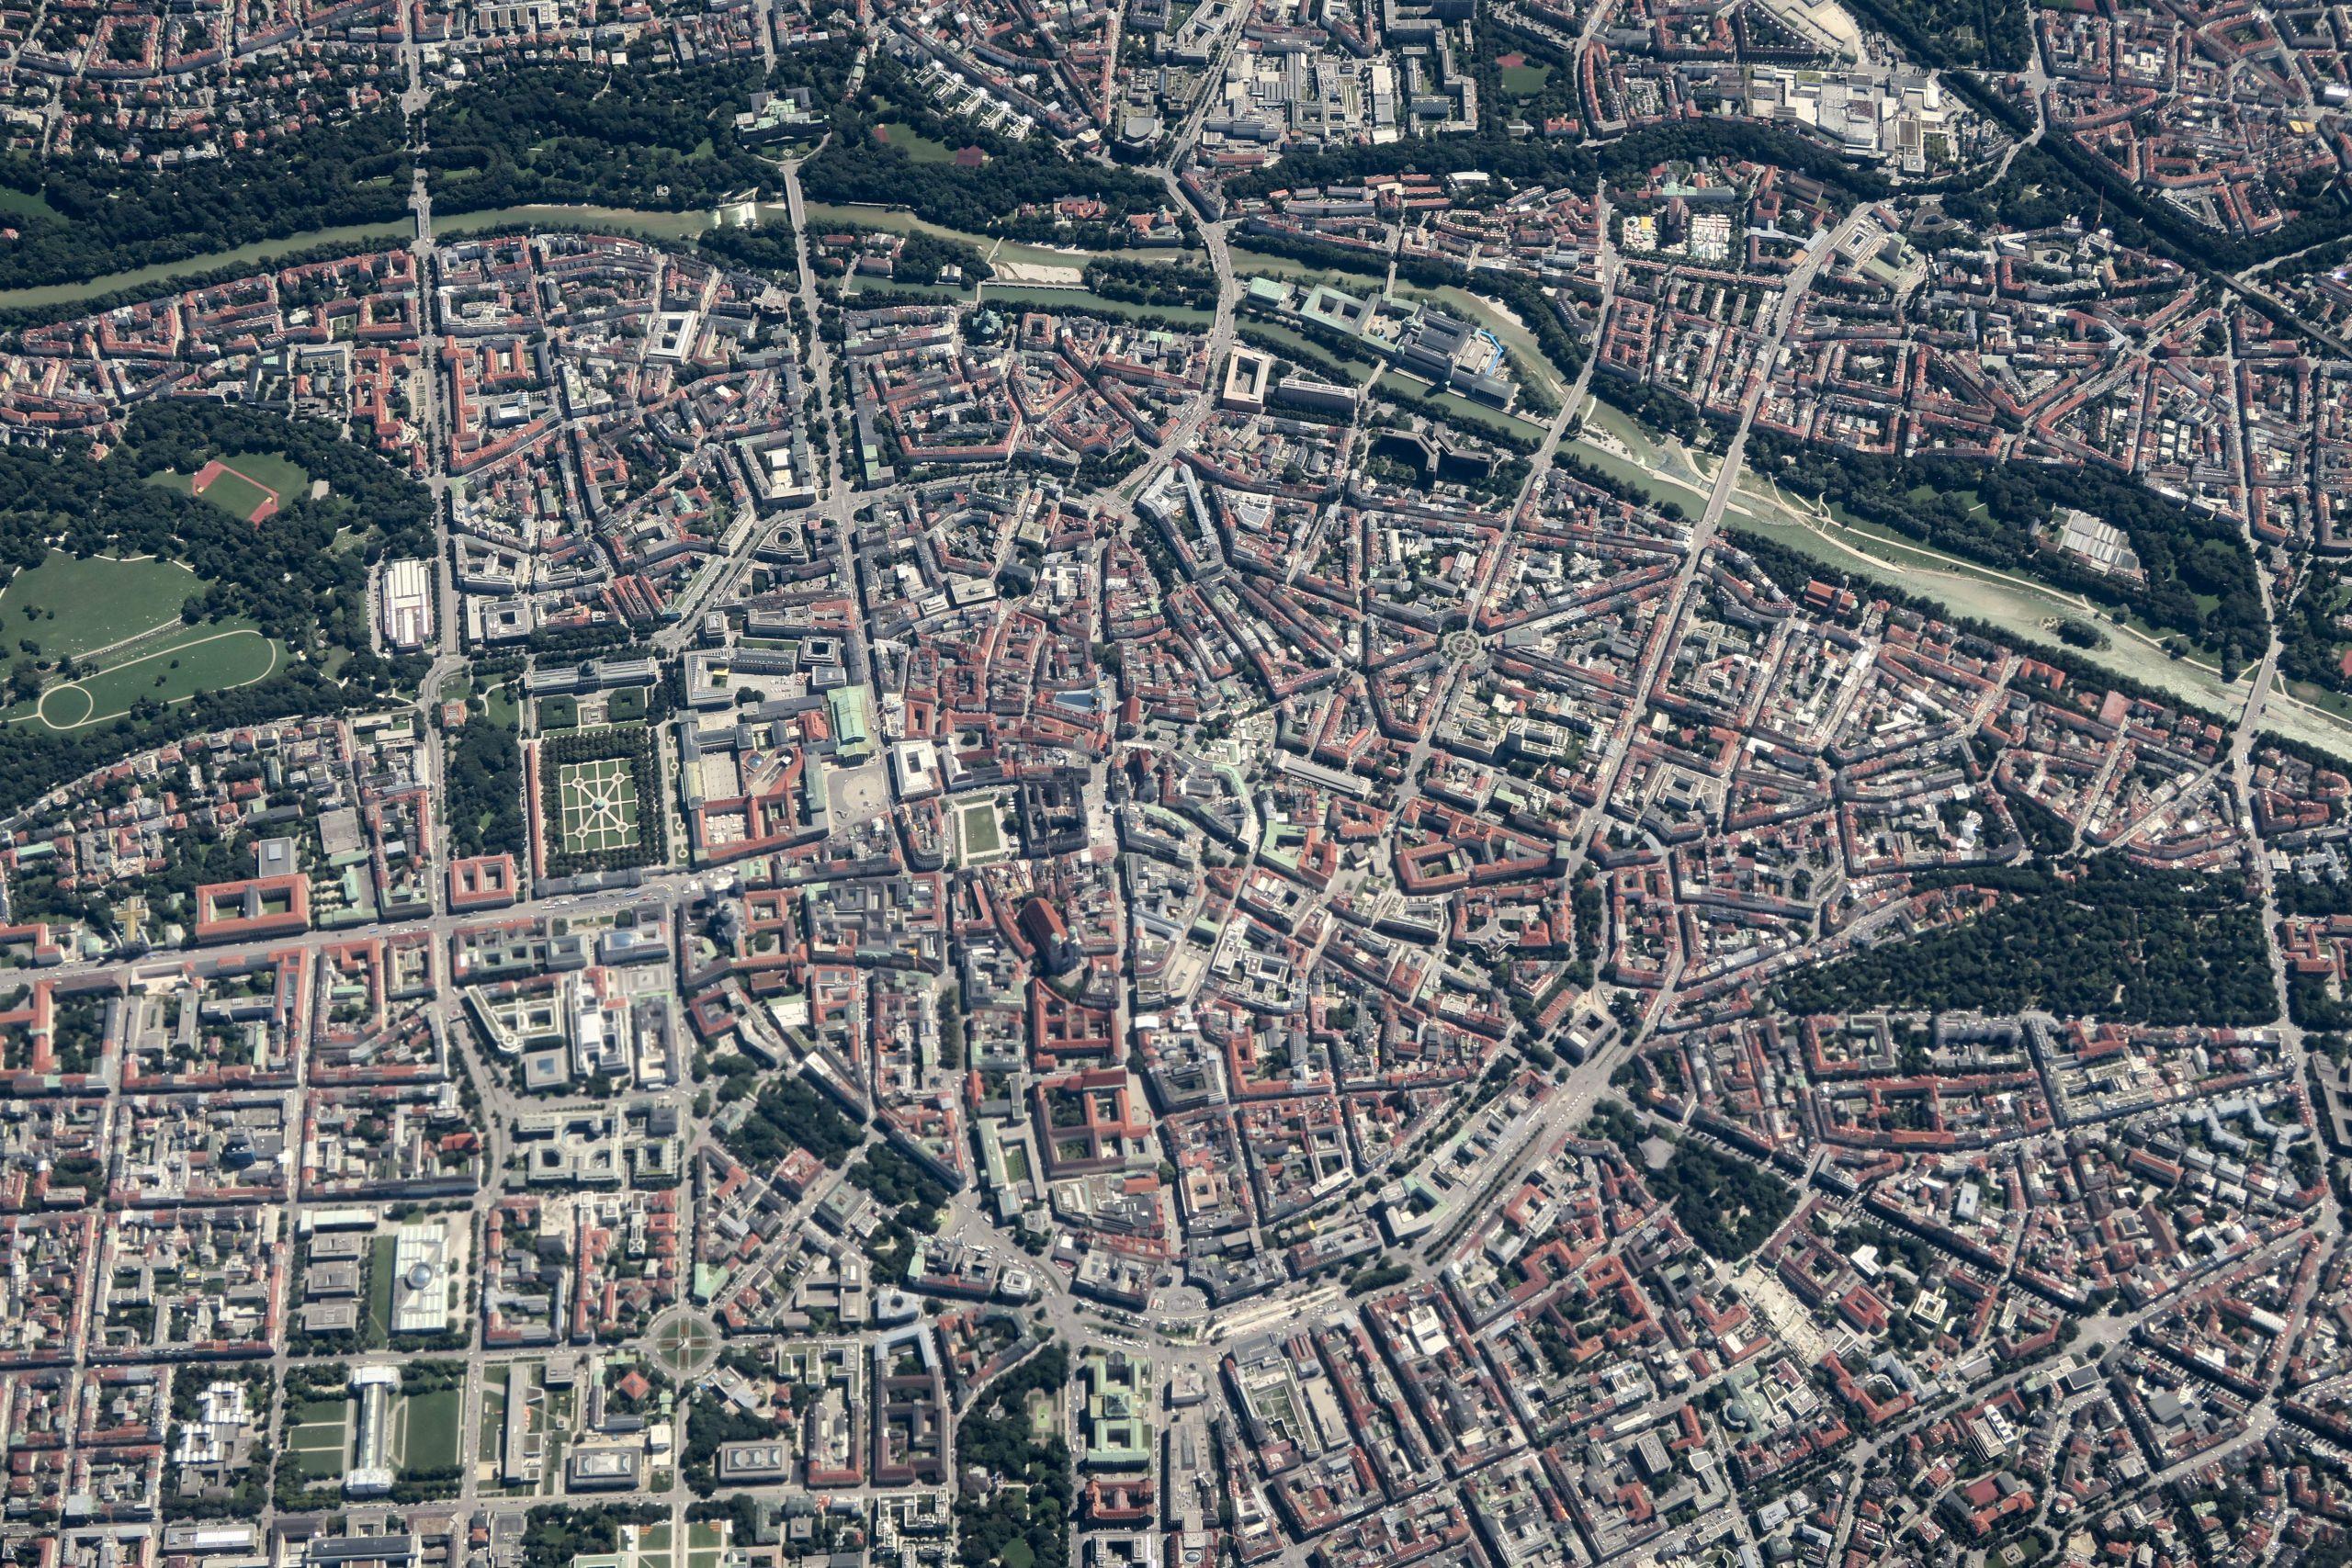 Luftbild München Innenstadt